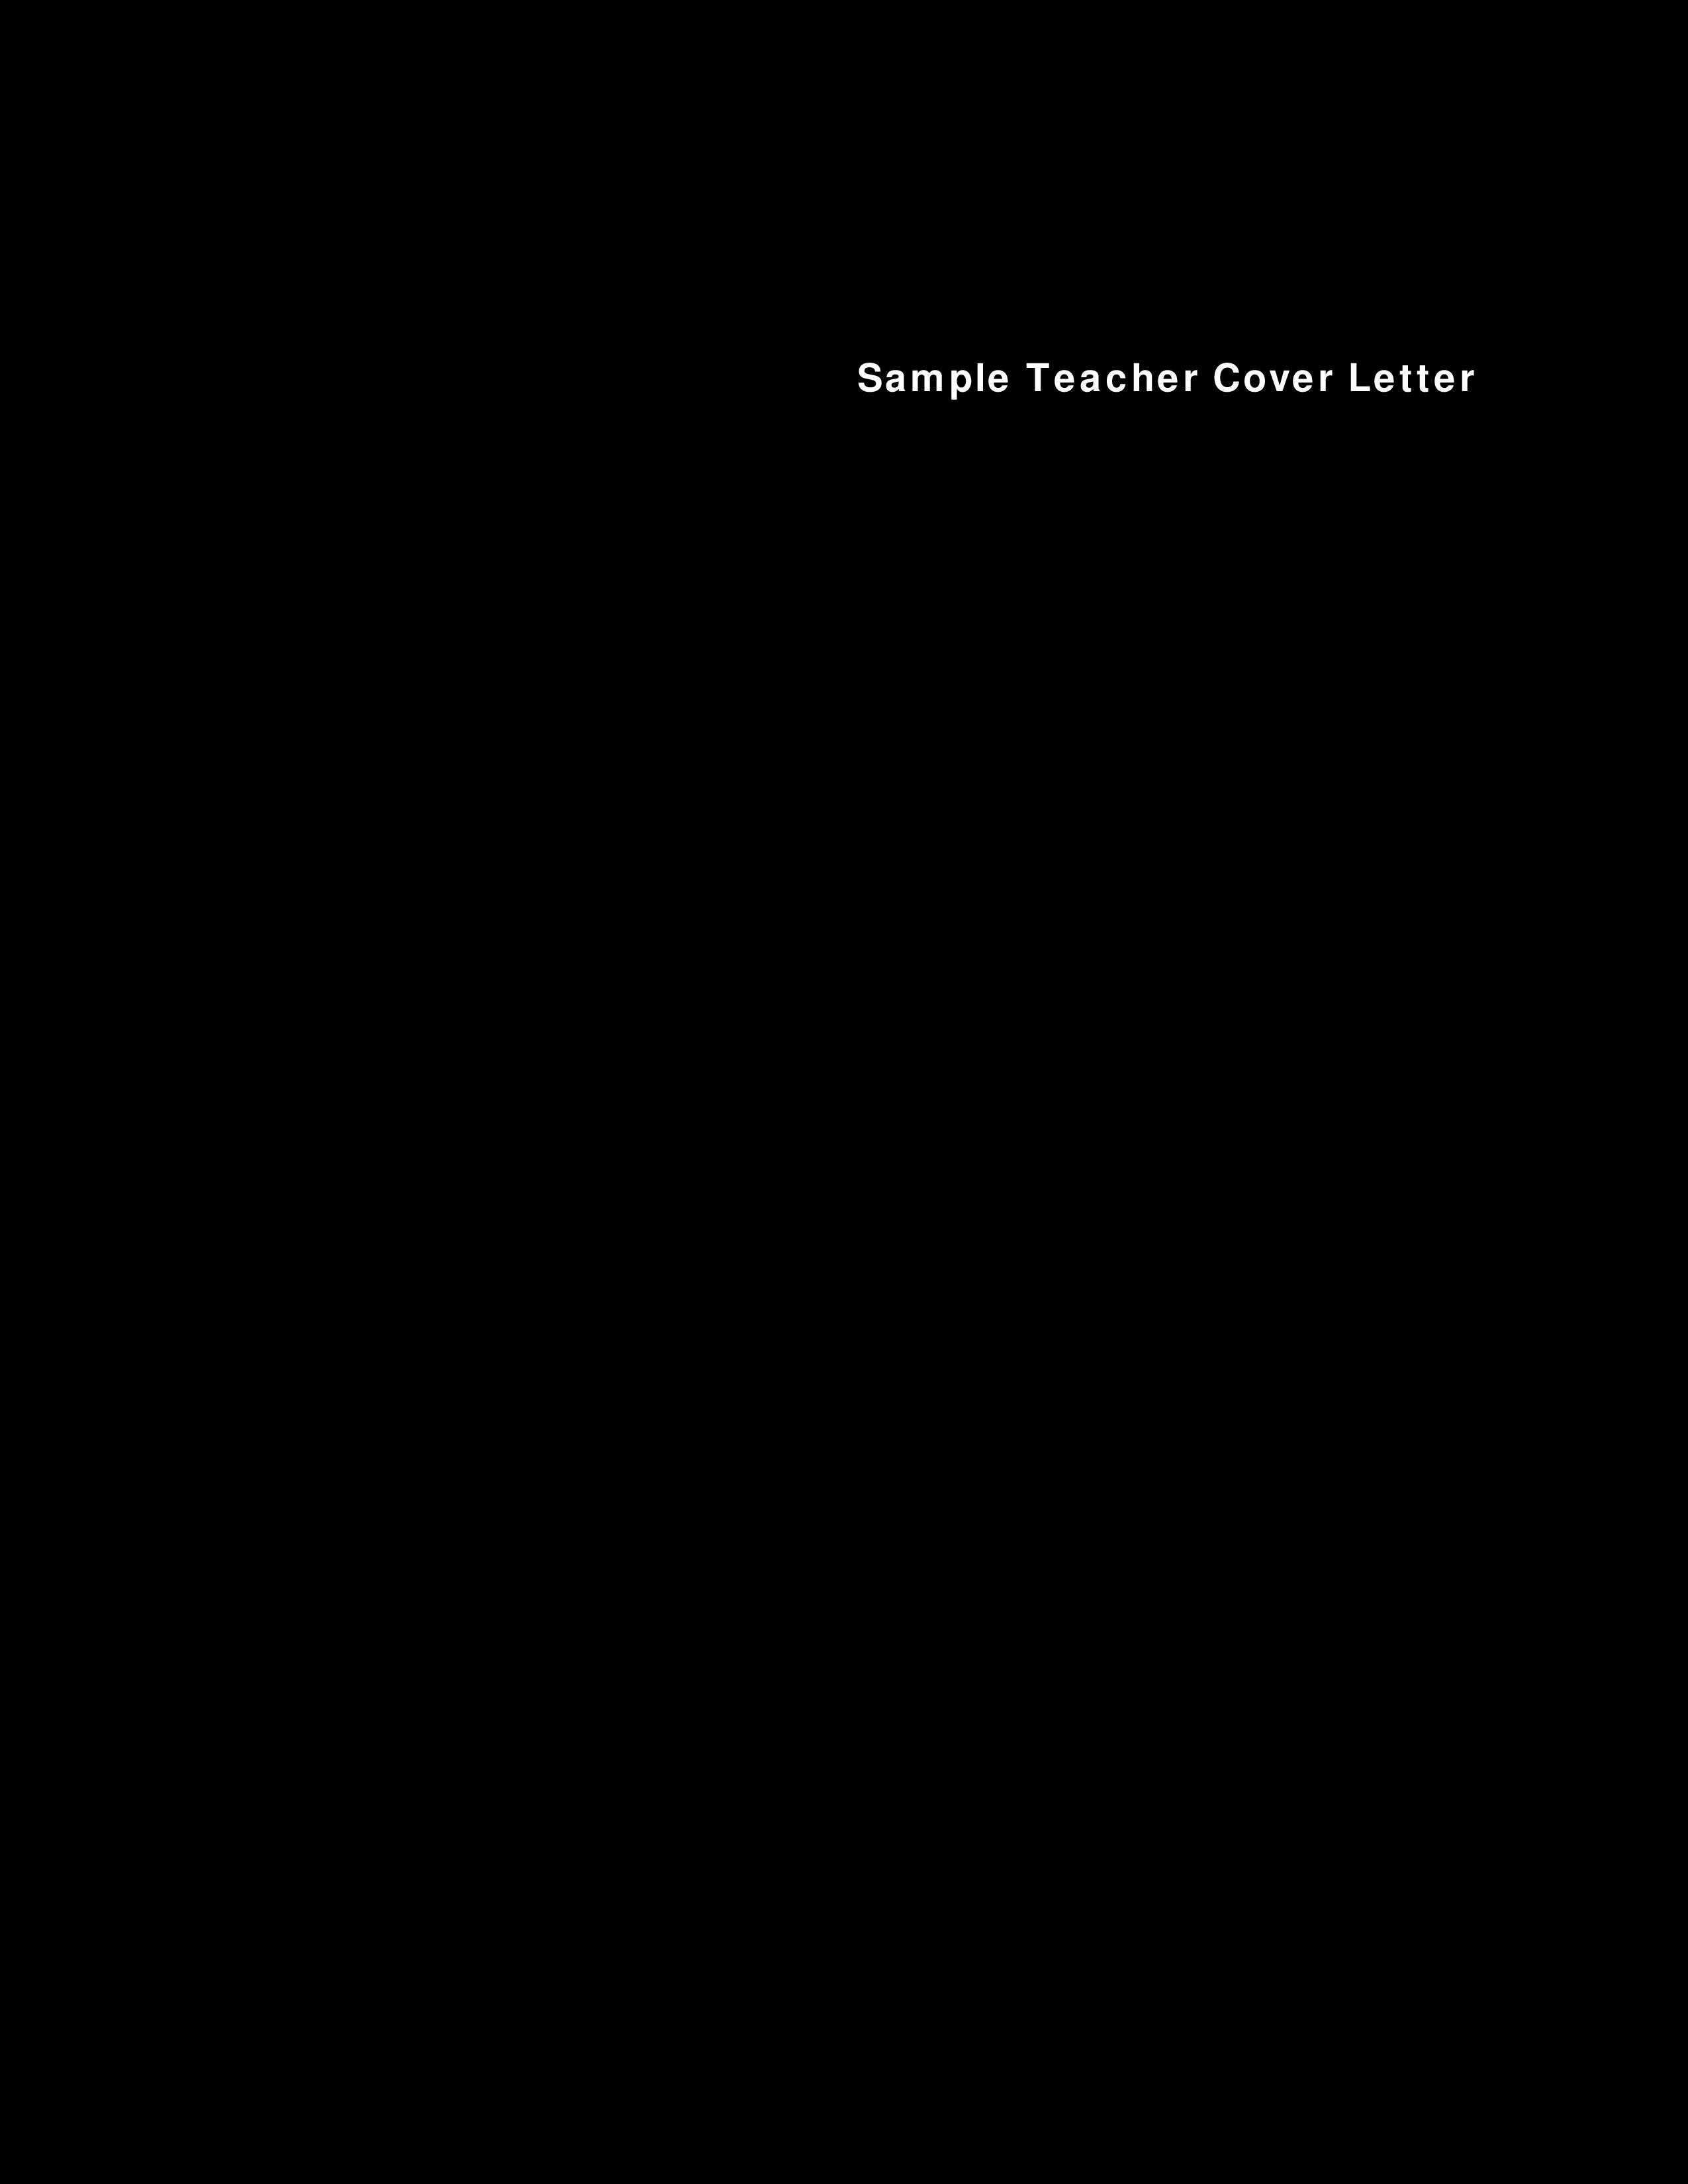 Resume Cover Letter For Teachers from www.allbusinesstemplates.com